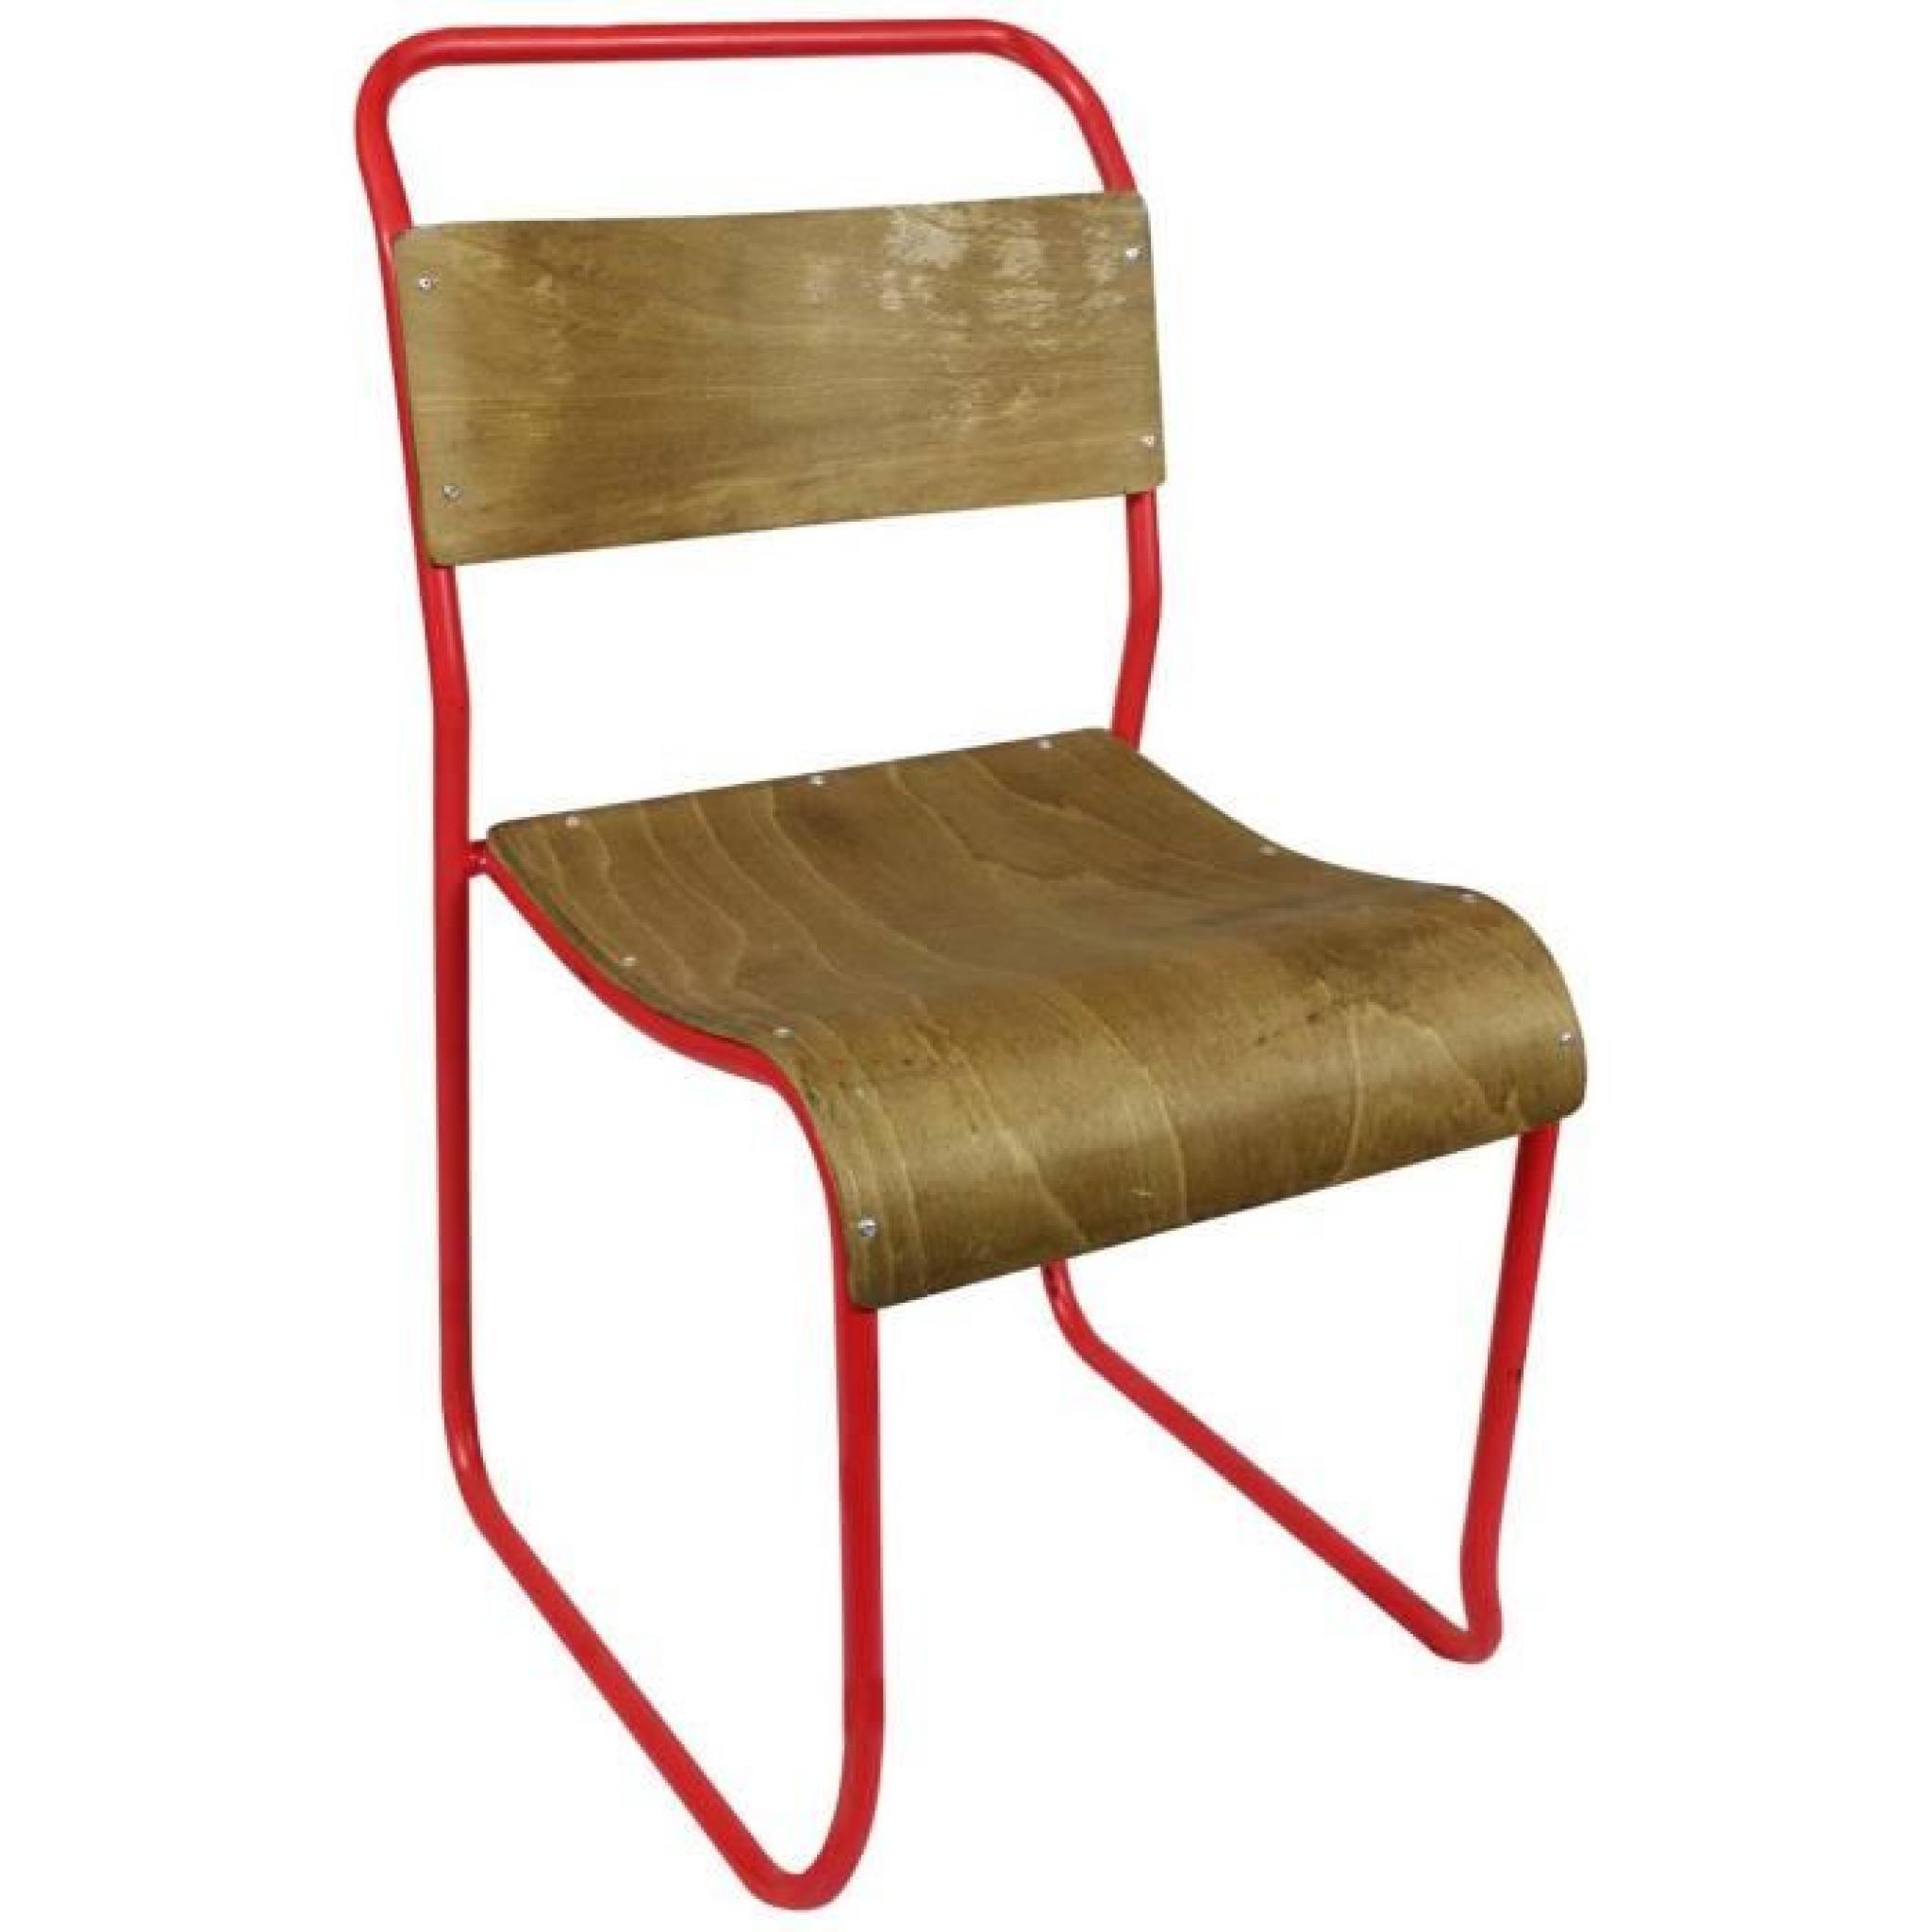 Chaise Vintage Bois Metal Avior Couleur Rouge